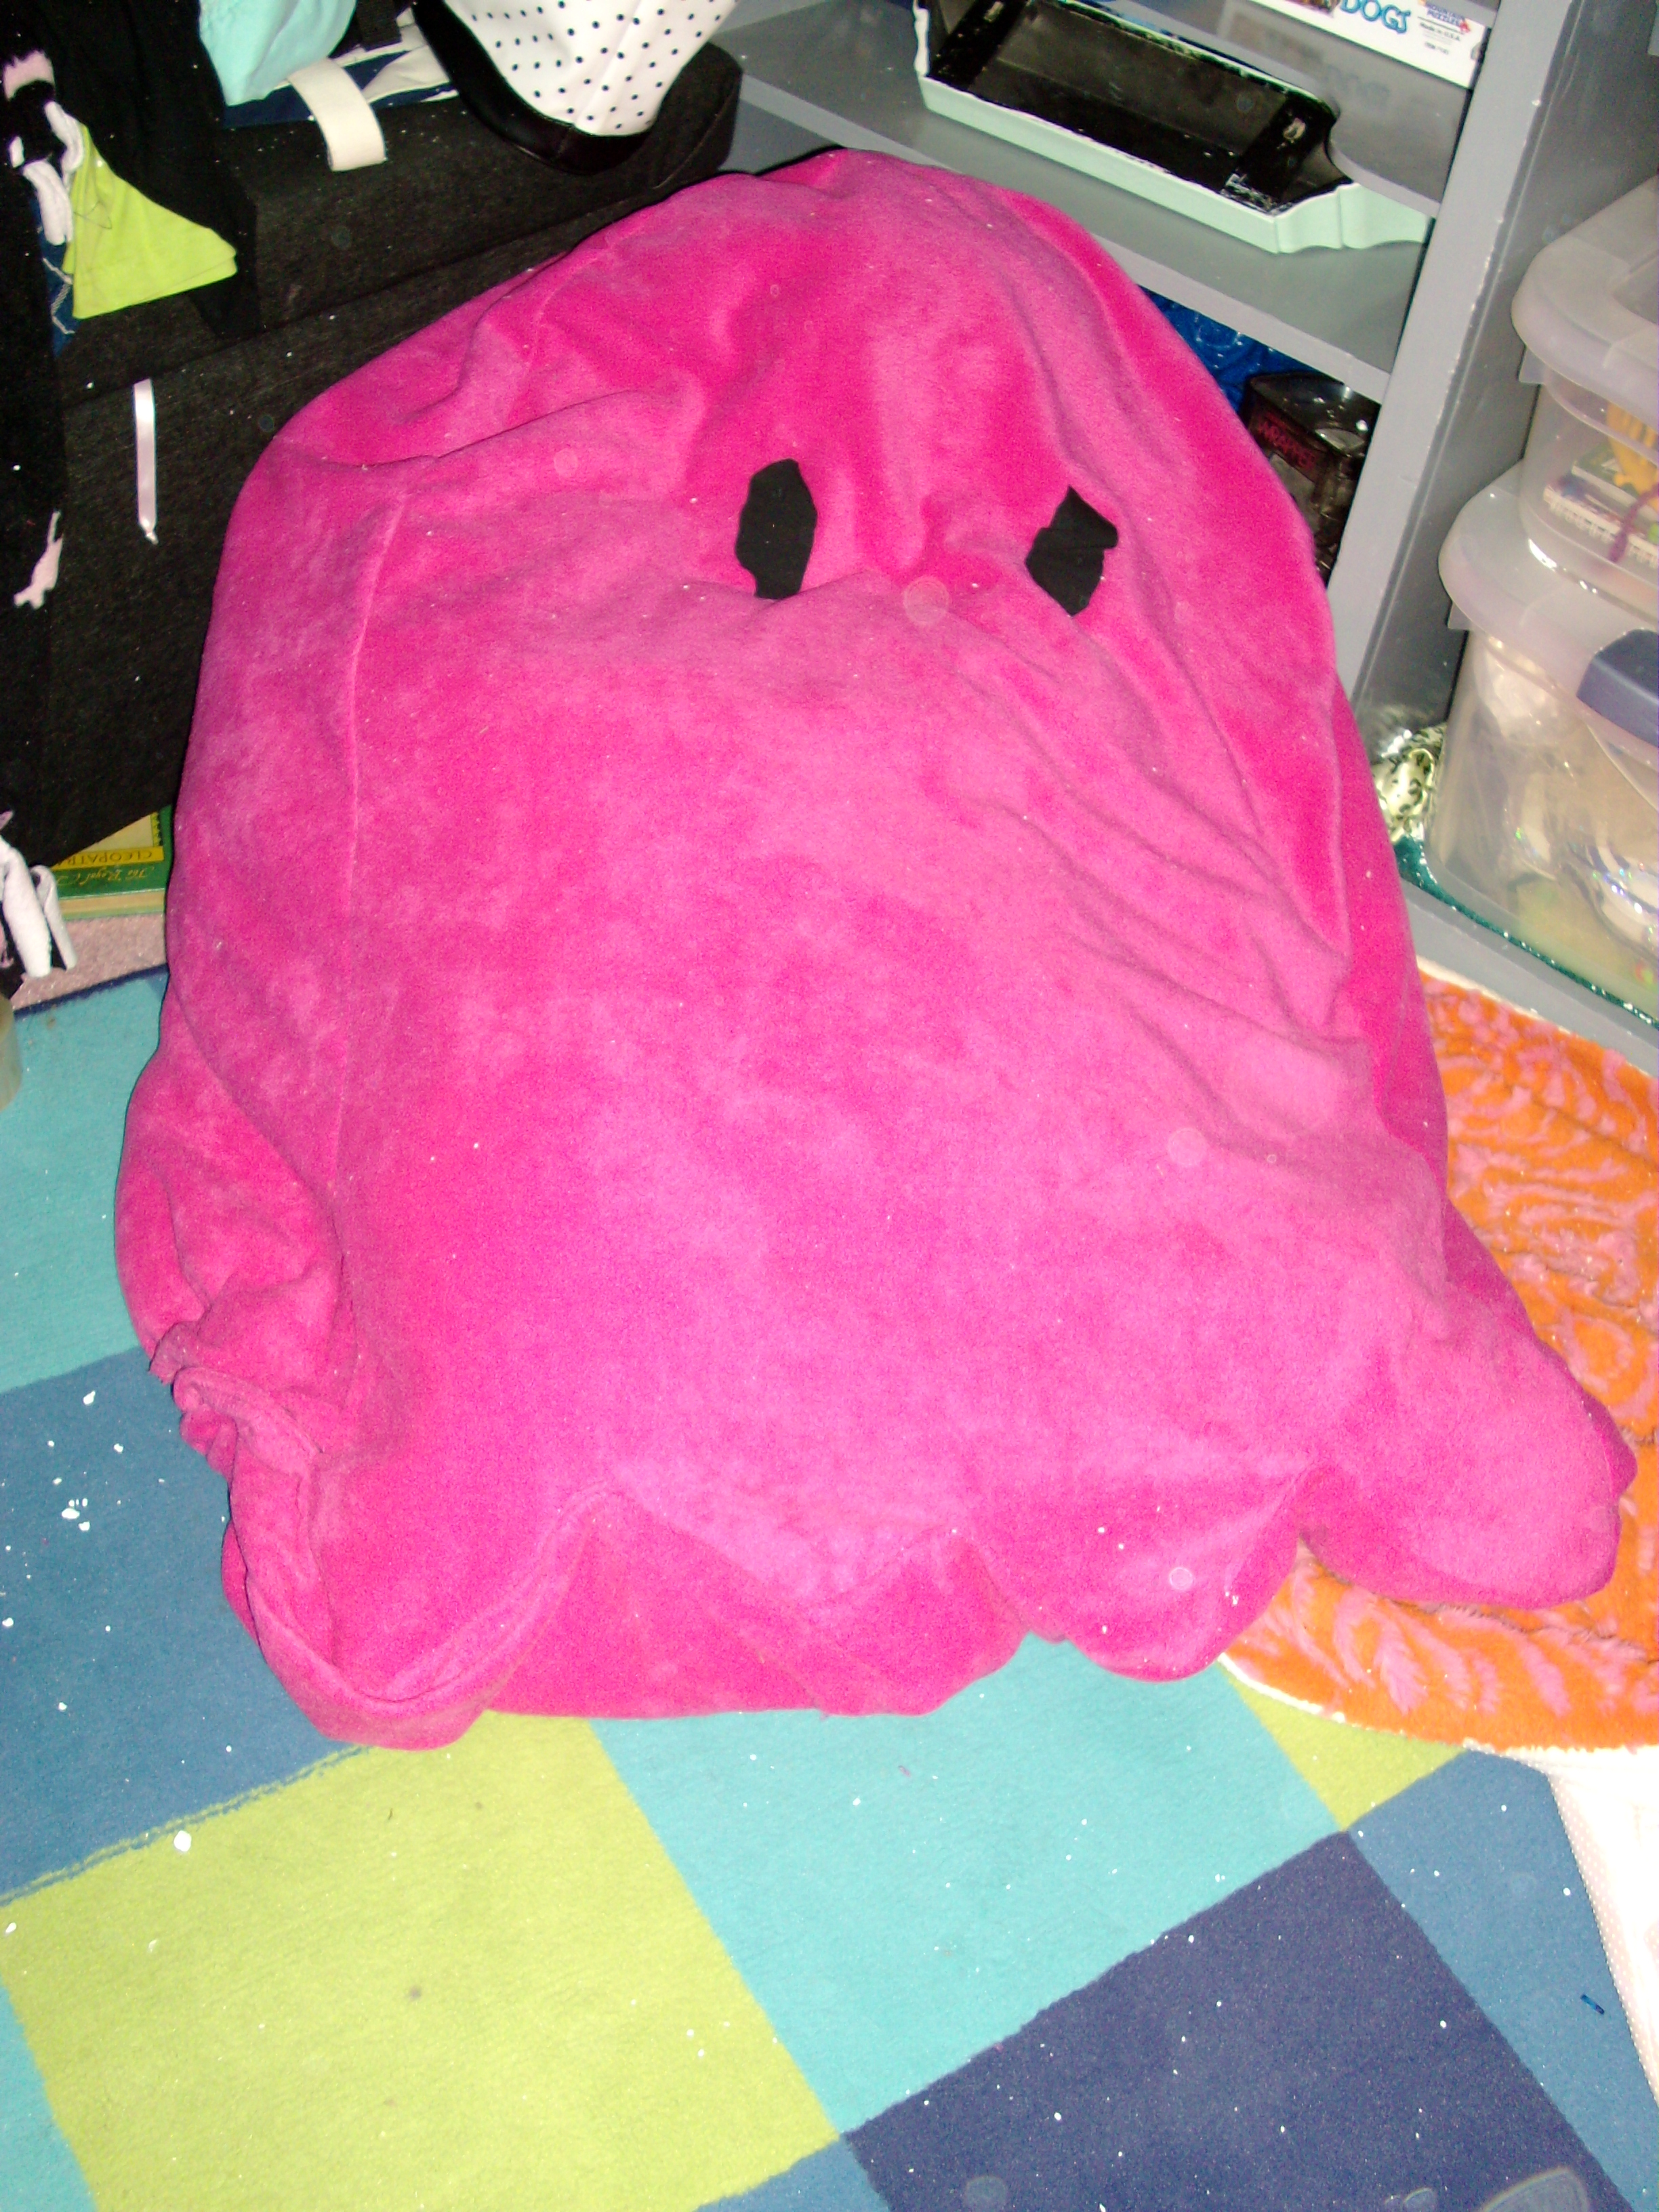 Pacman Ghost Bean Bag Chair